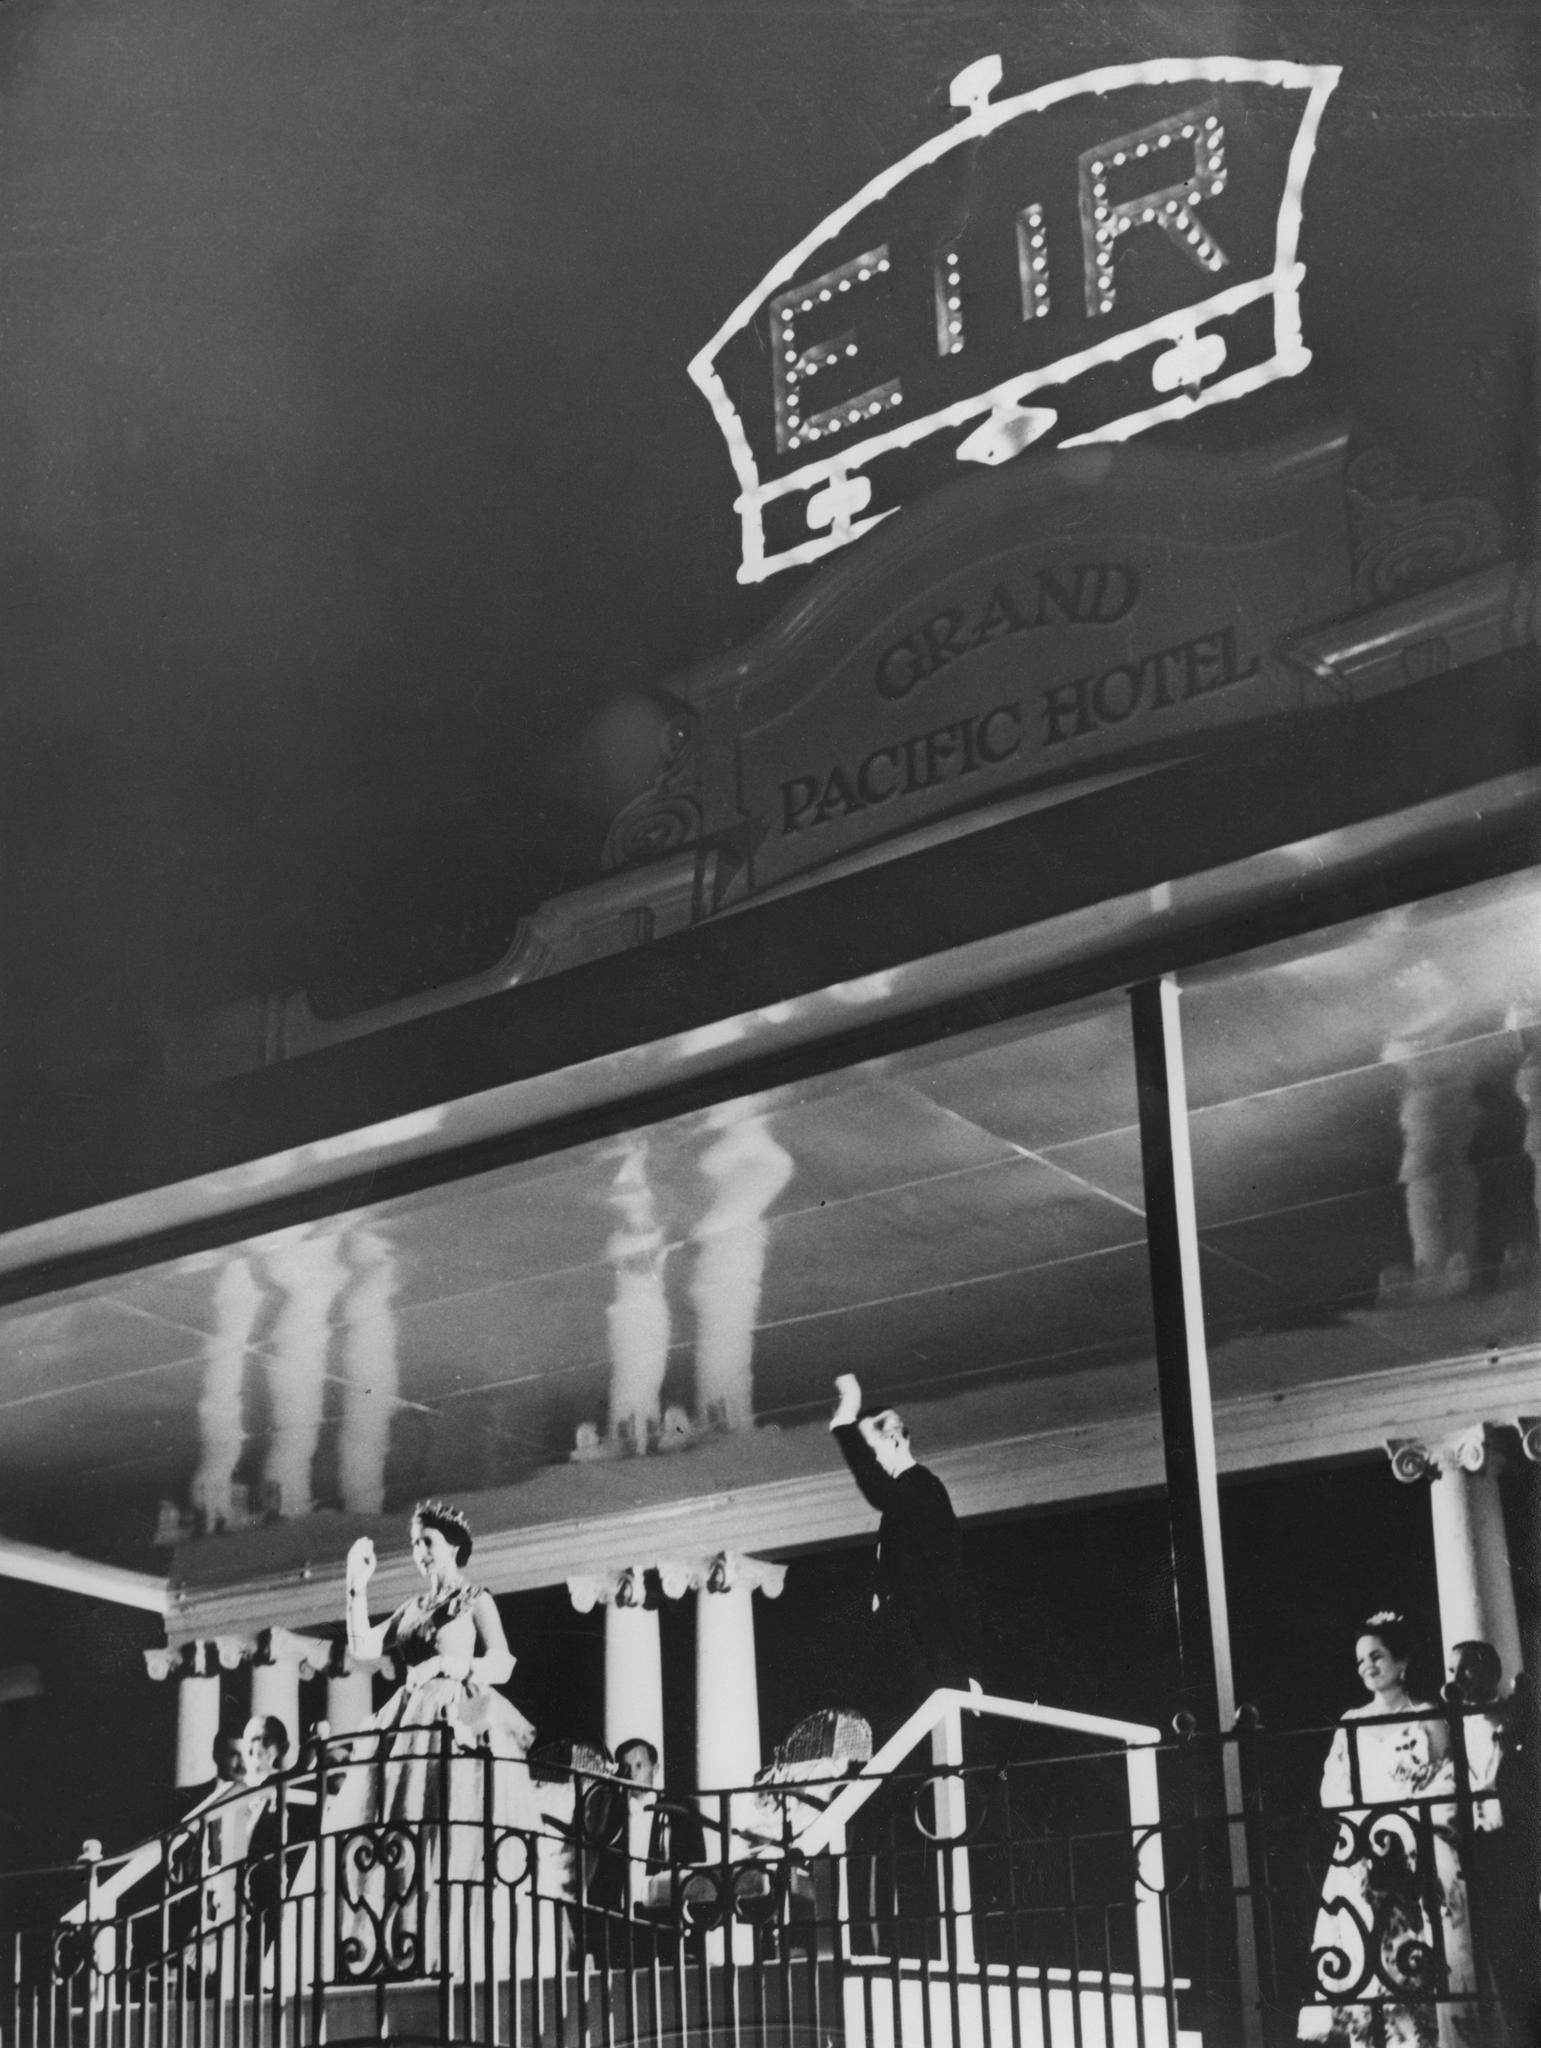 1953: Queen Elizabeth und Prinz Philip auf dem Balkon des Grand Pacific Hotel auf Fiji.